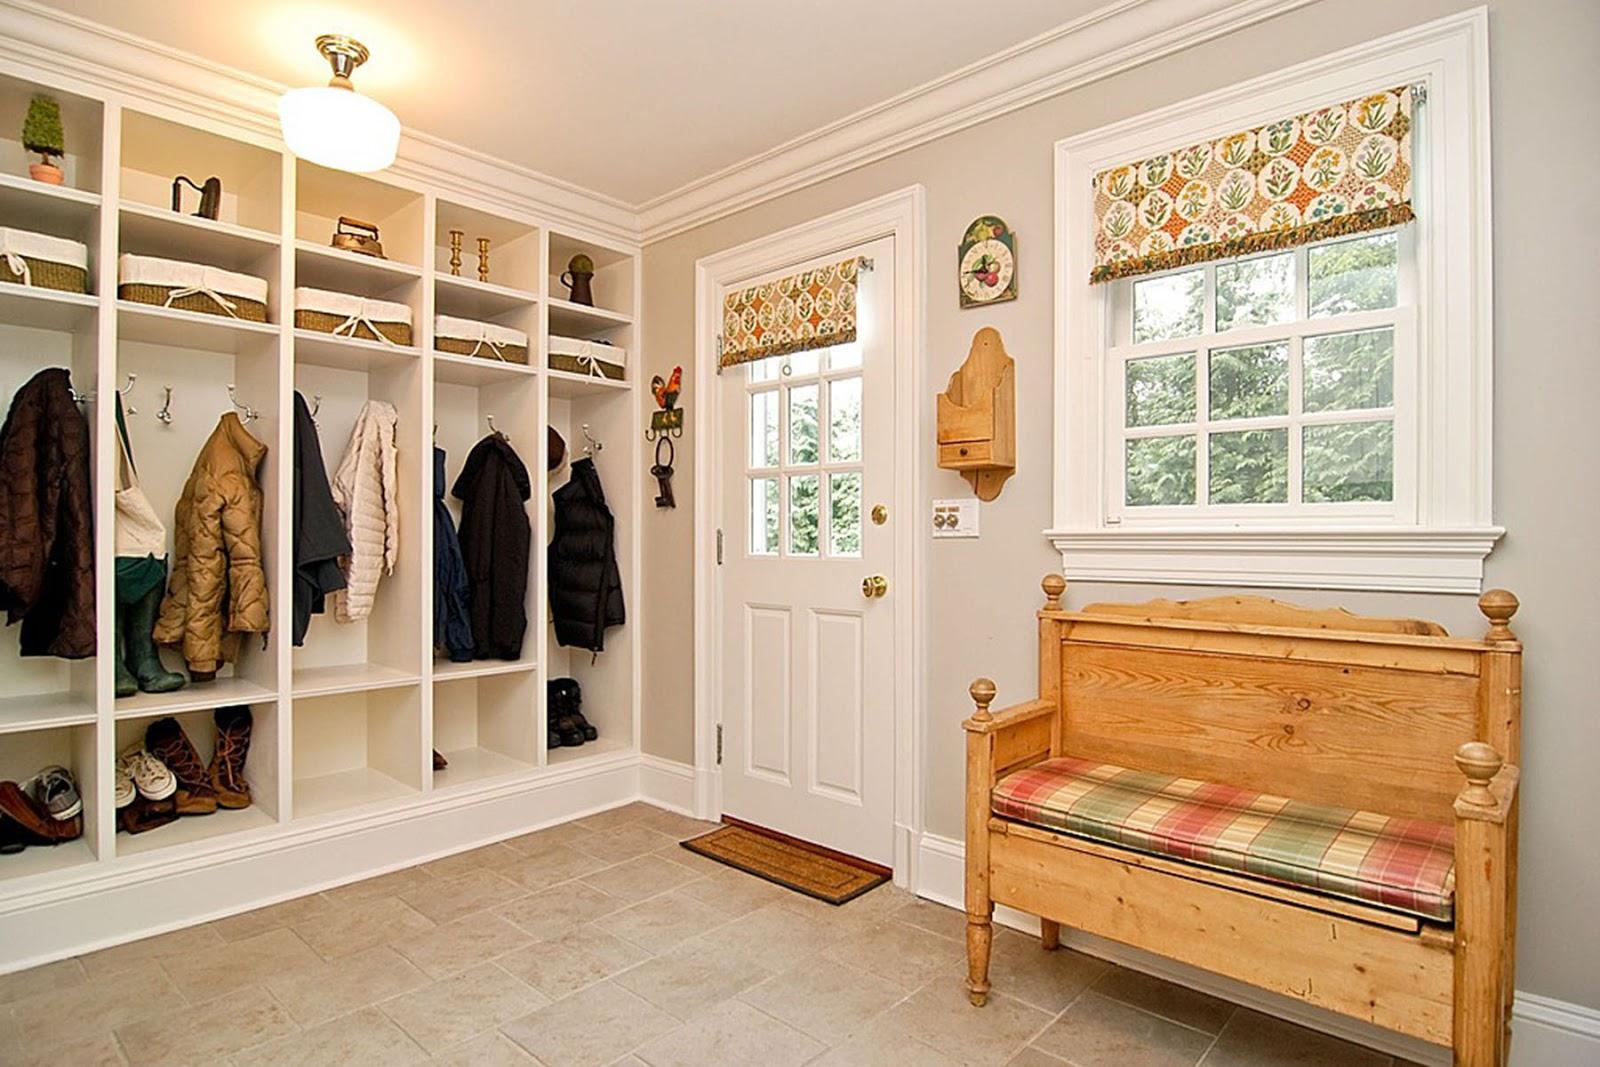 couloir-de-conception-classique-maison-prive-dd-110